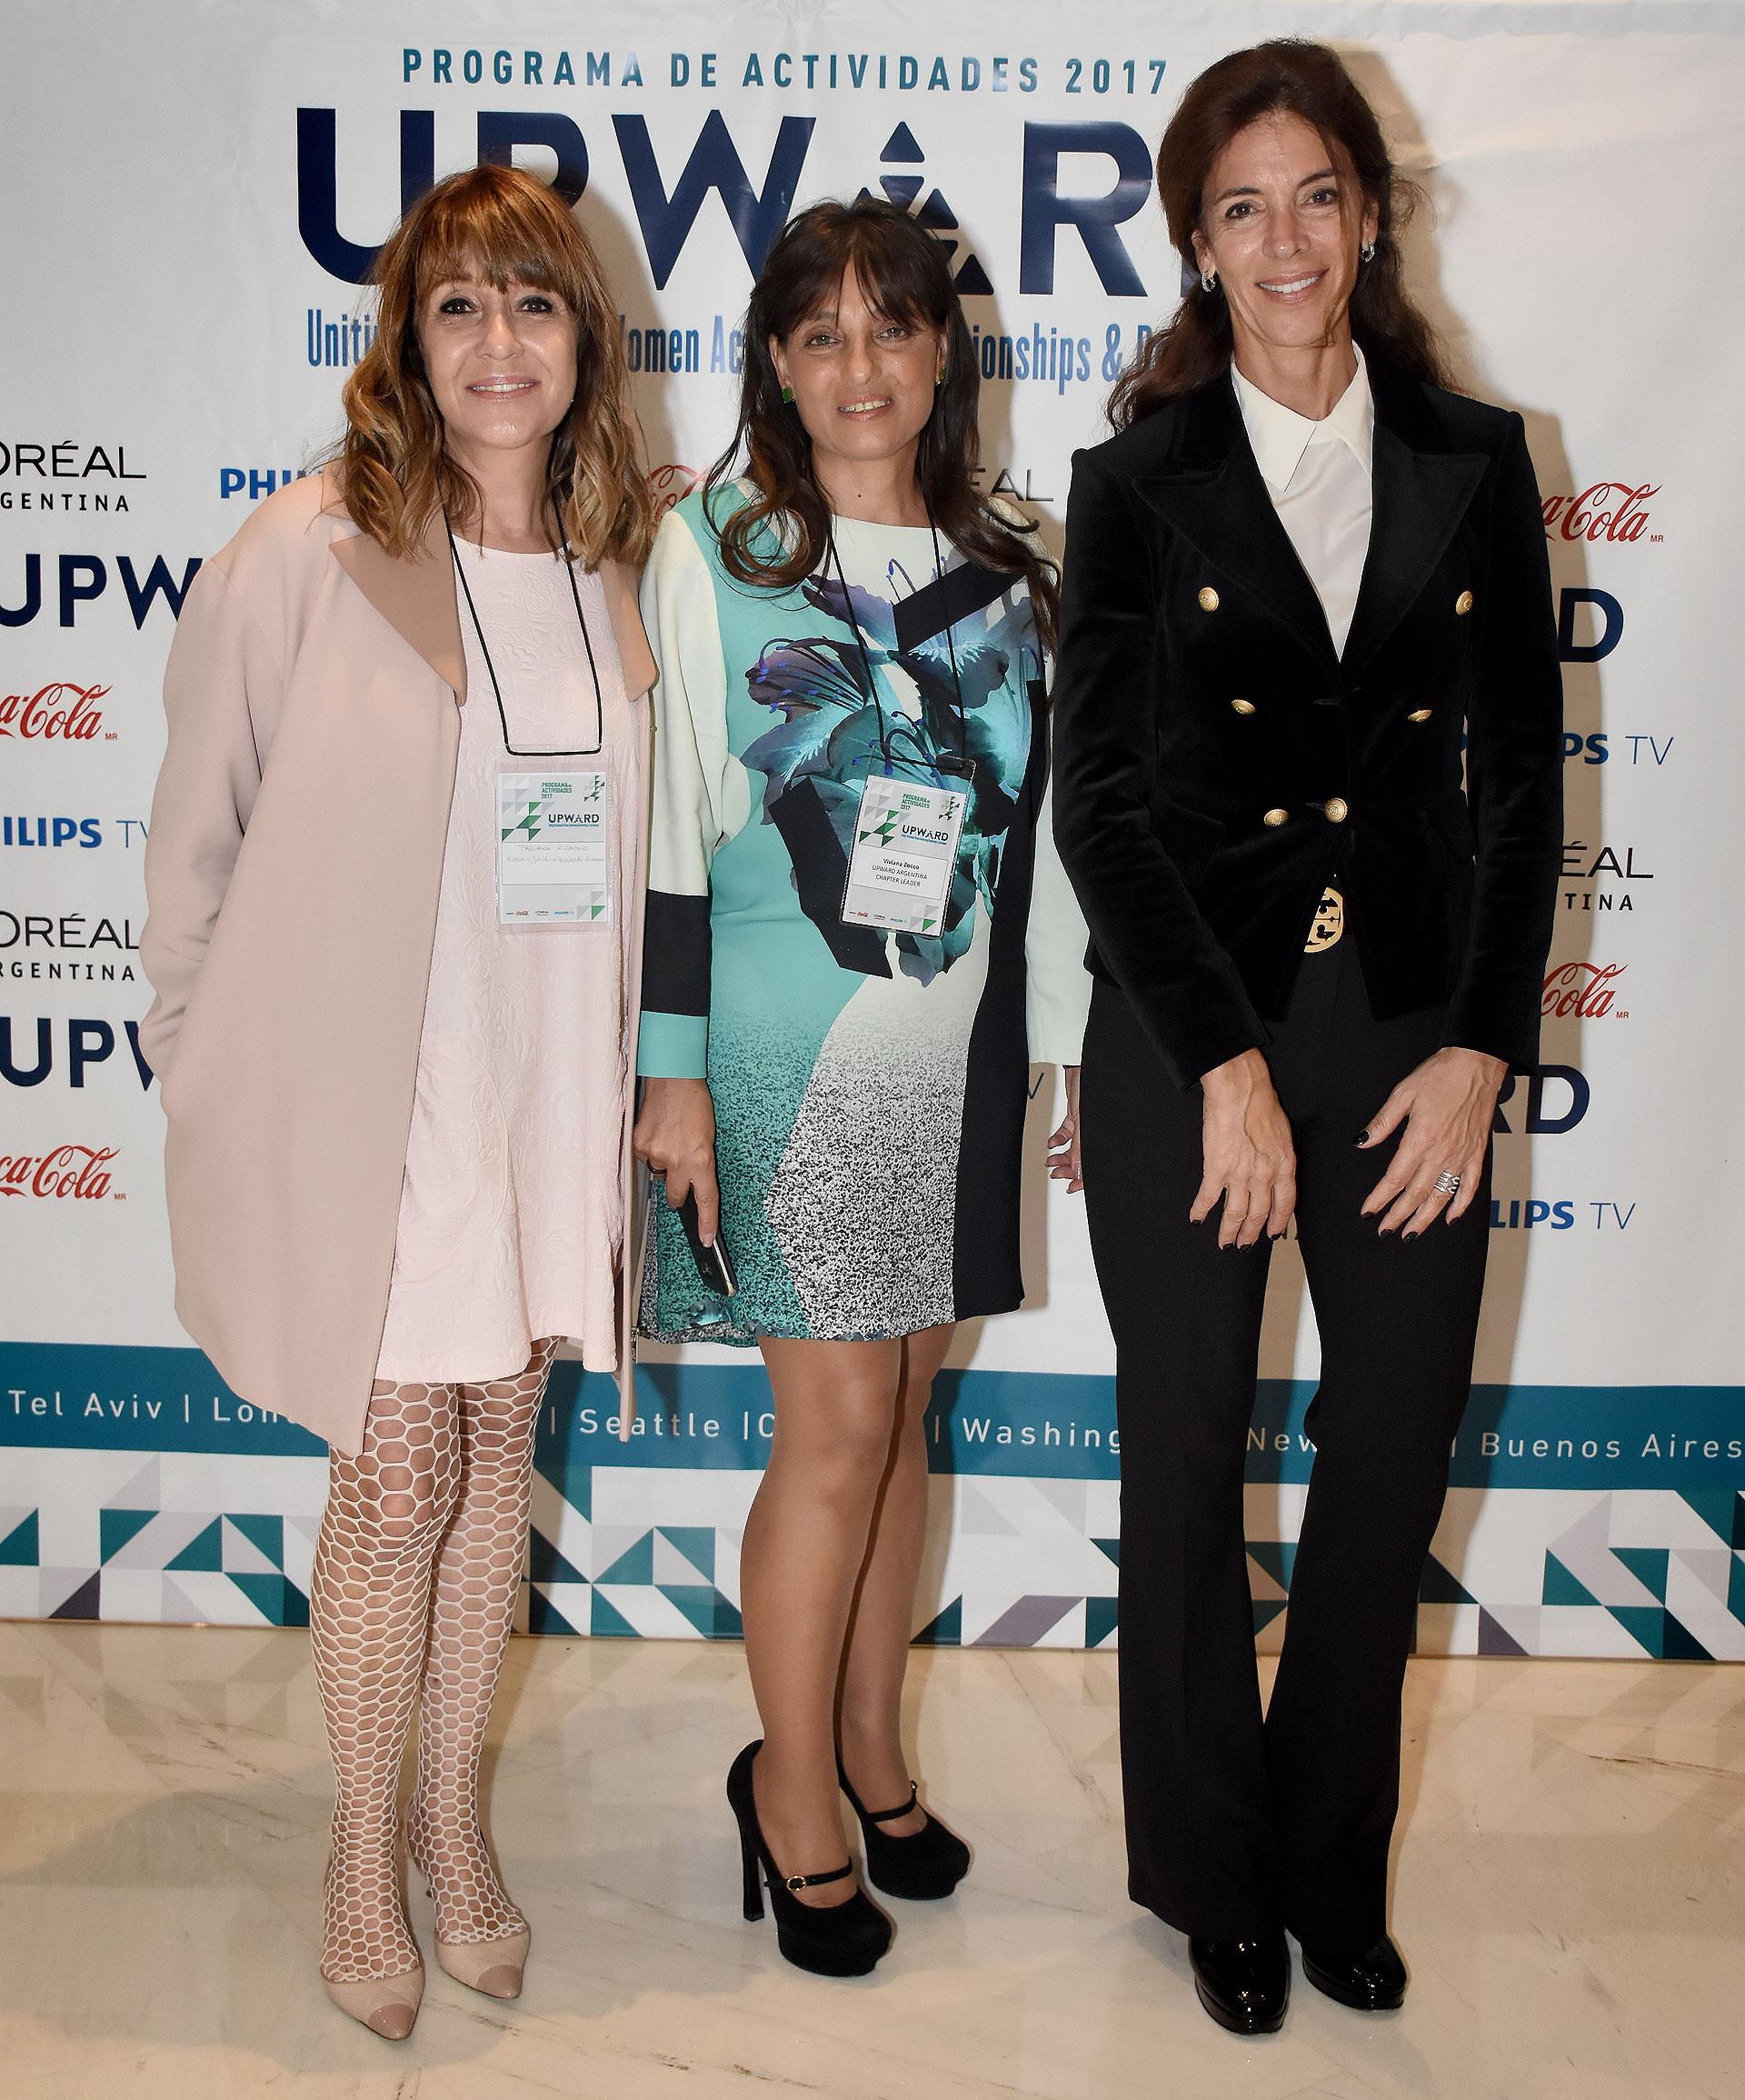 Fabiana Ricagno, Viviana Zocco y Laura Guerra